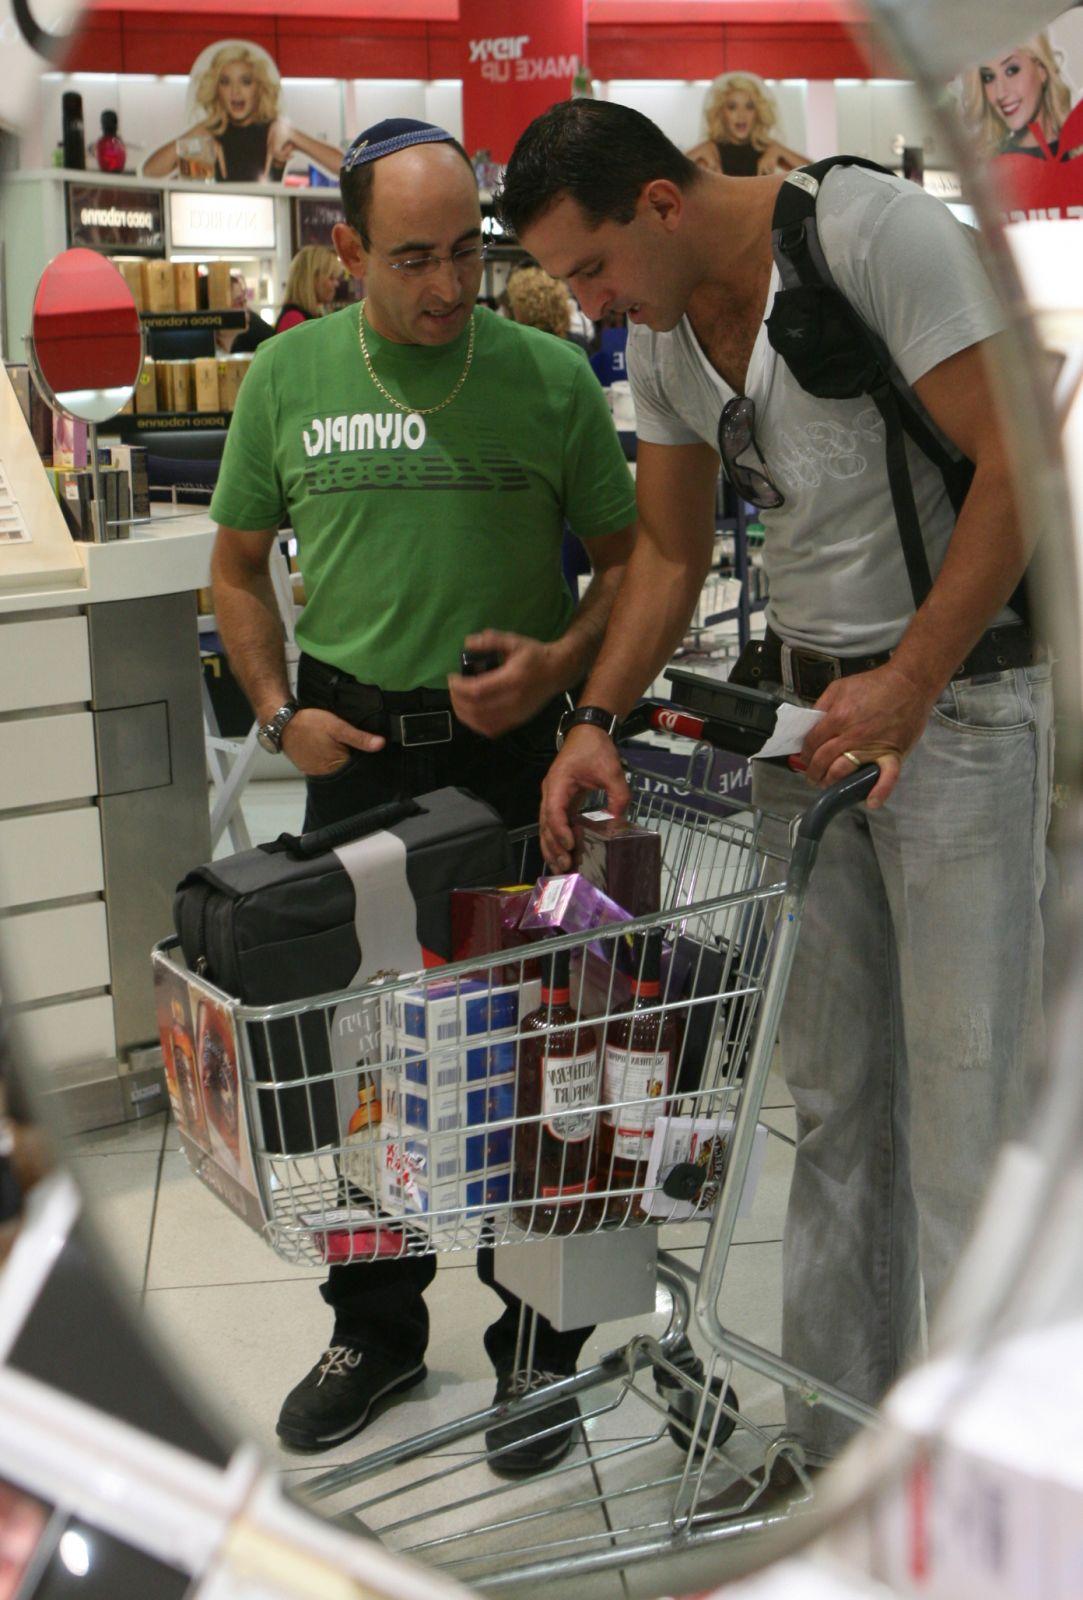 ישראלים רוכשים סיגריות מתוצרת פיליפ-מוריס בחנות הדיוטי-פרי בנמל התעופה בן-גוריון, 14.9.08 (צילום: יוסי זמיר)